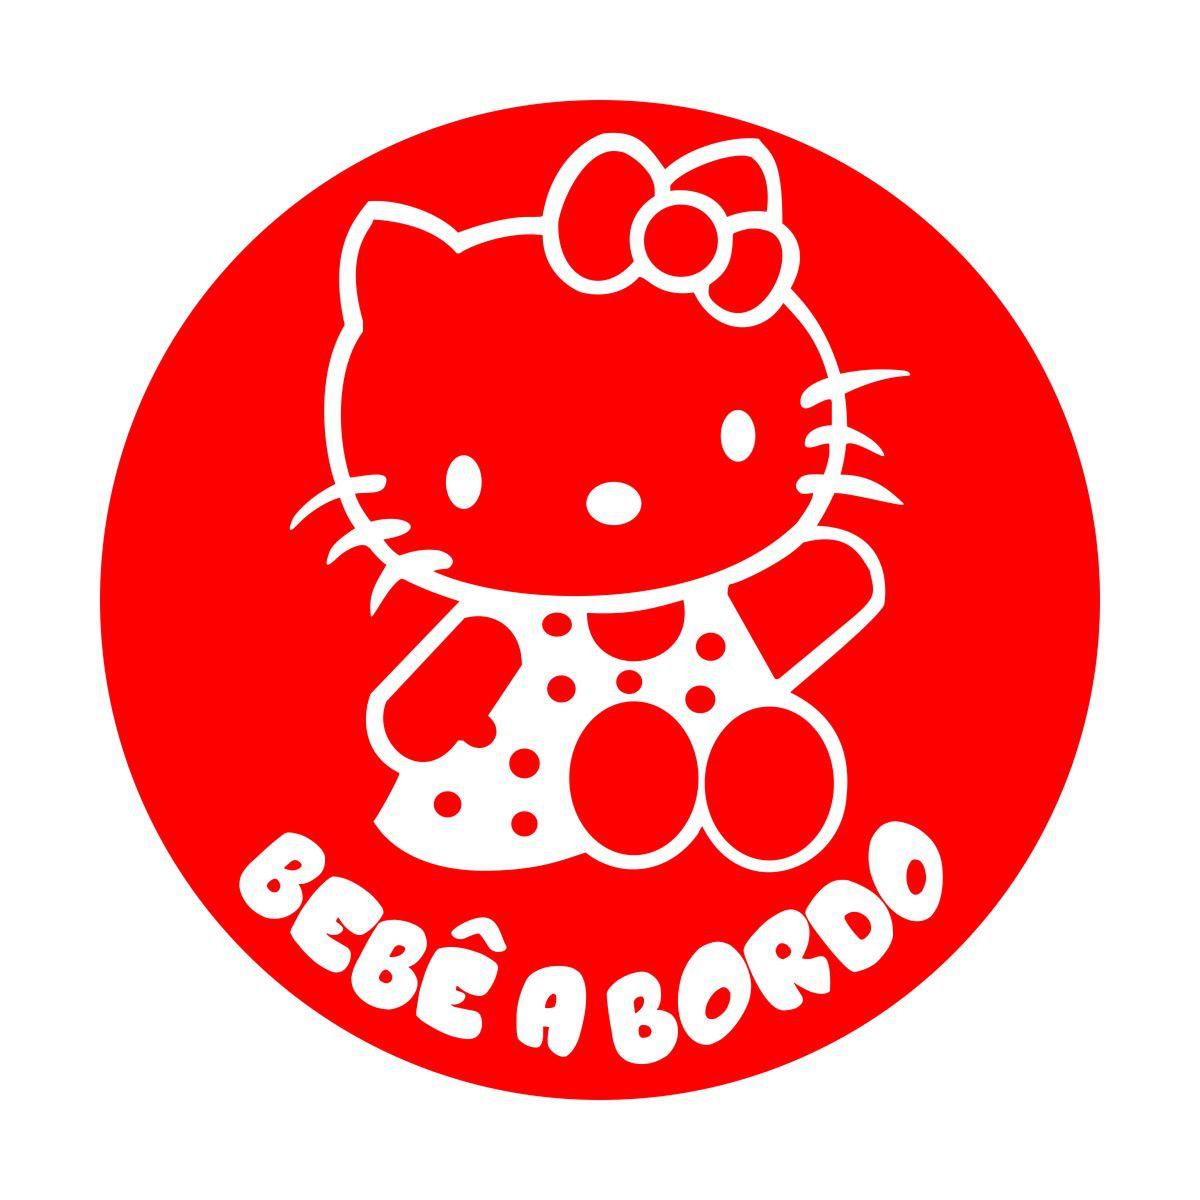 Adesivo Bebê a Bordo - Hello Kitty (mod.1)